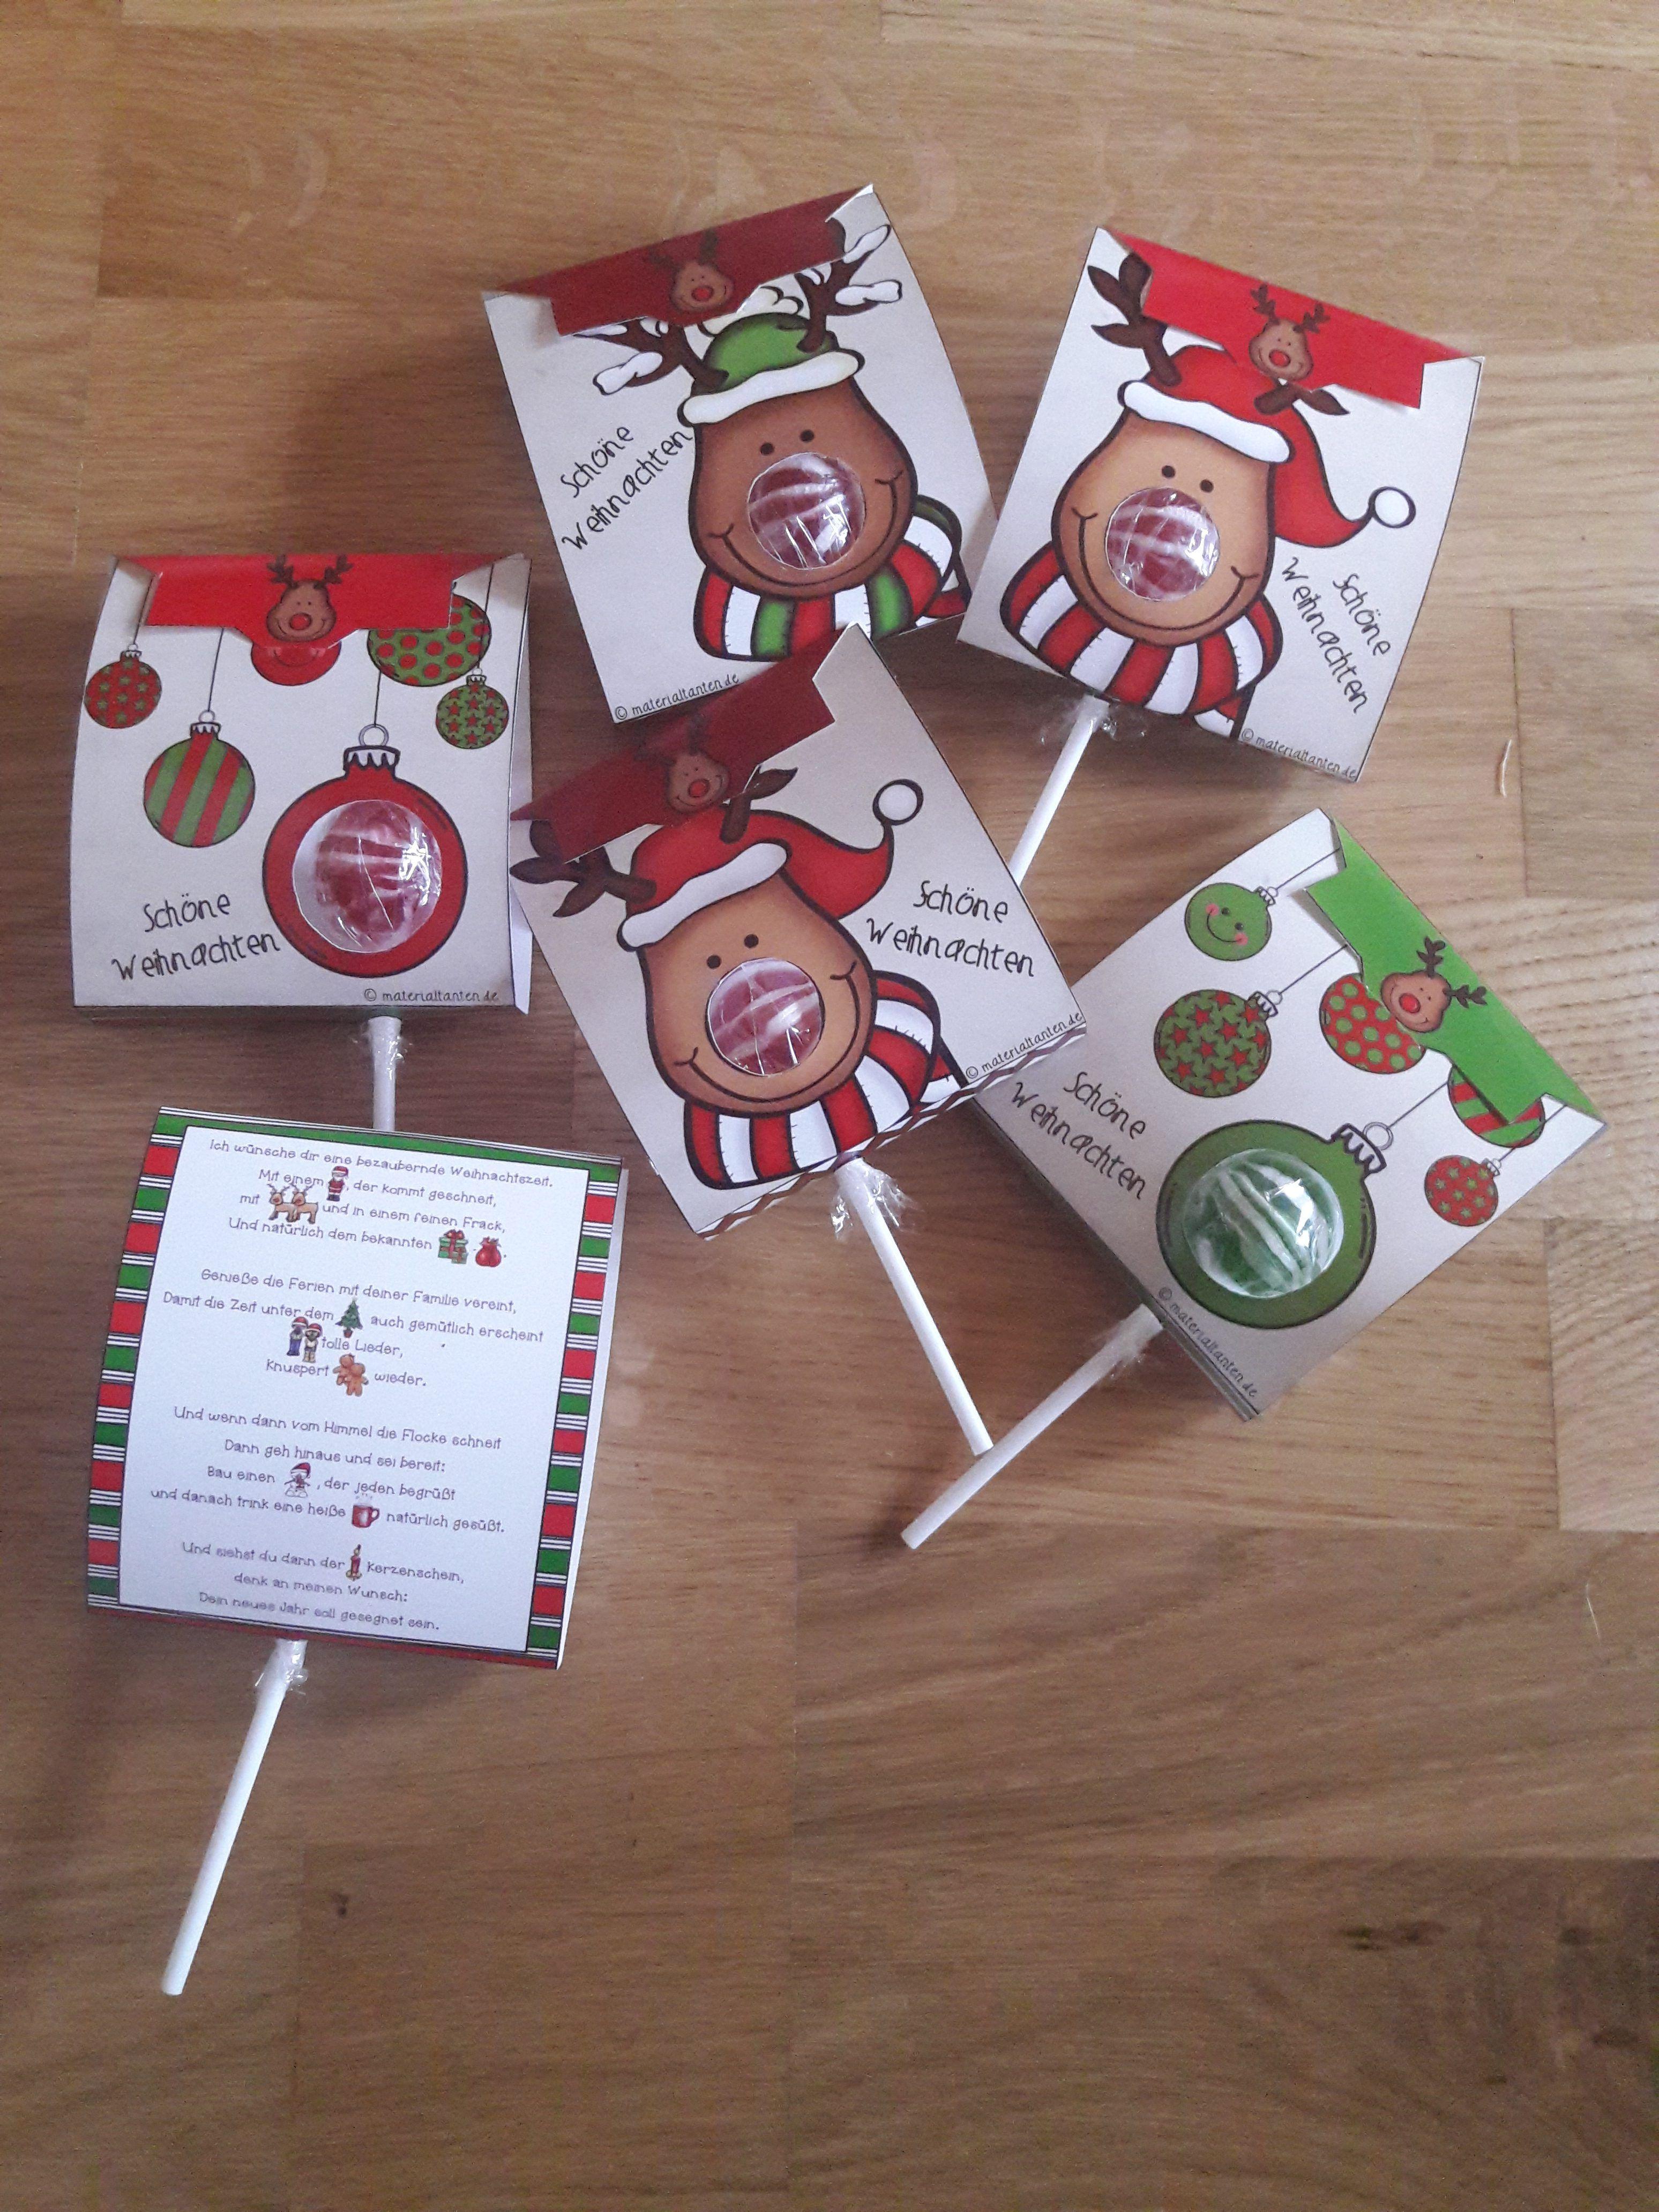 Weihnachtliches Geschenk Fur Die Schuler Geschenke Weihnachten Team Geschenke Kleine Geschenke Fur Kinder